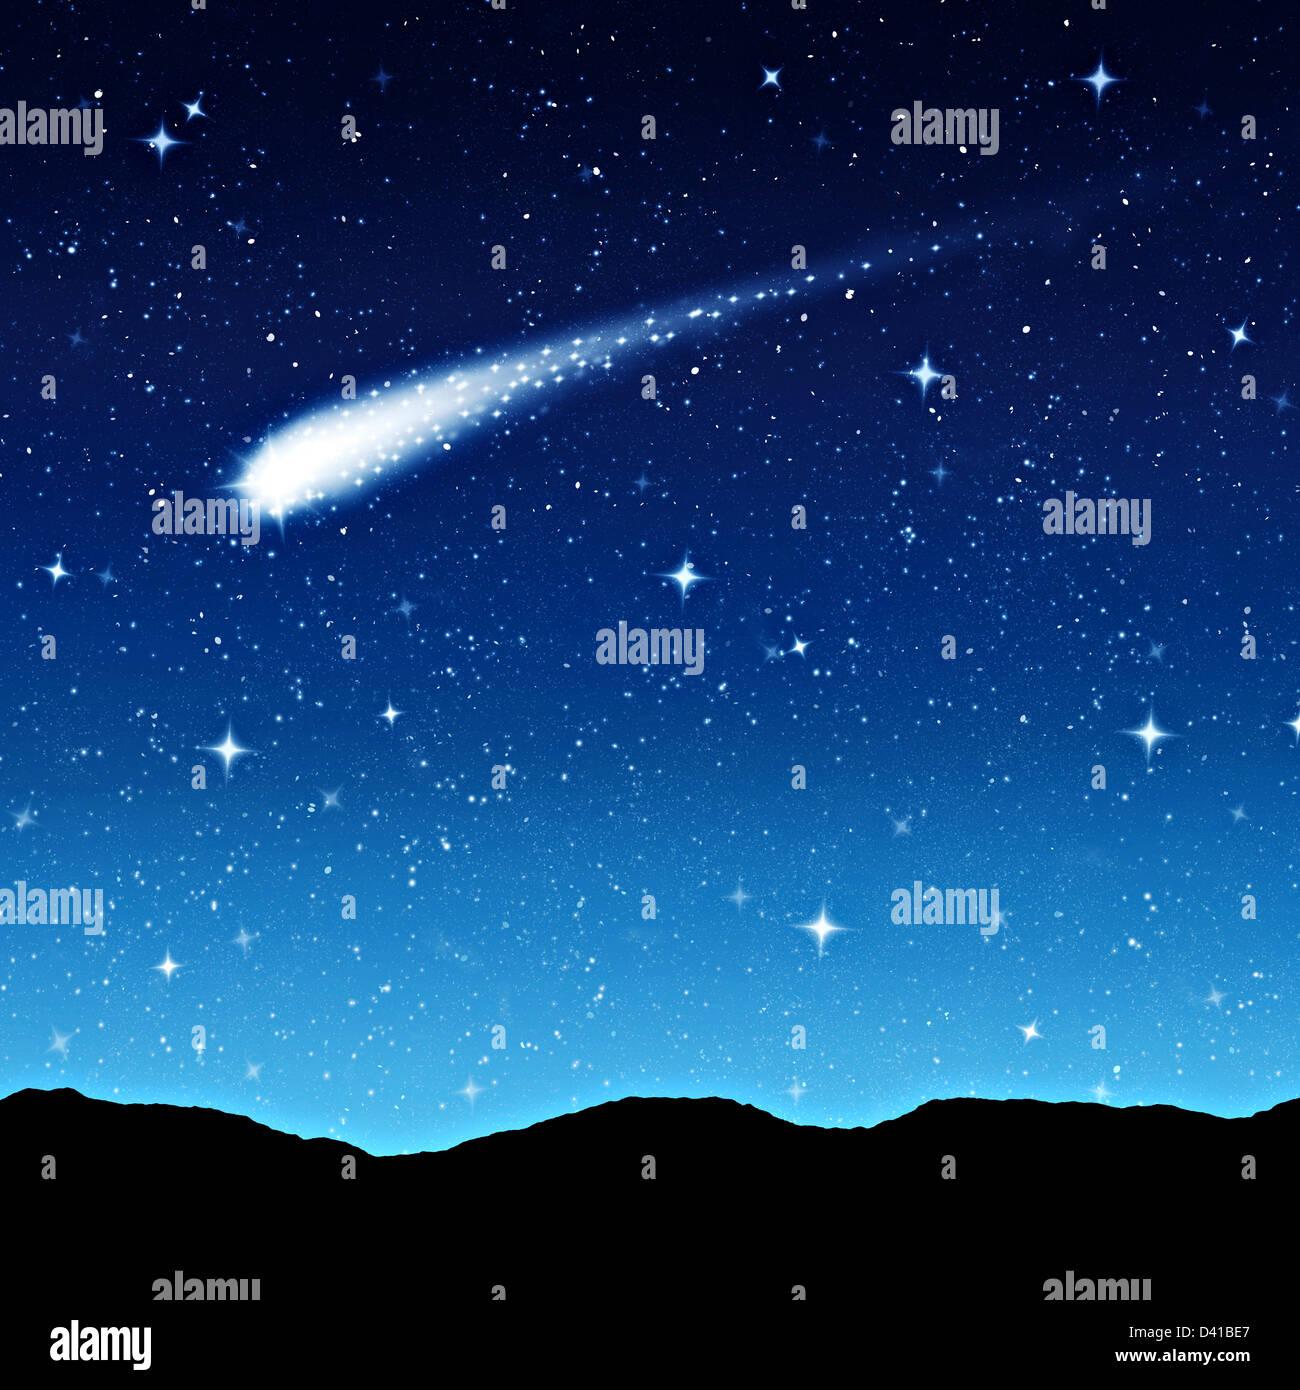 Ciel étoilé de nuit avec comète ou étoile filante Banque D'Images